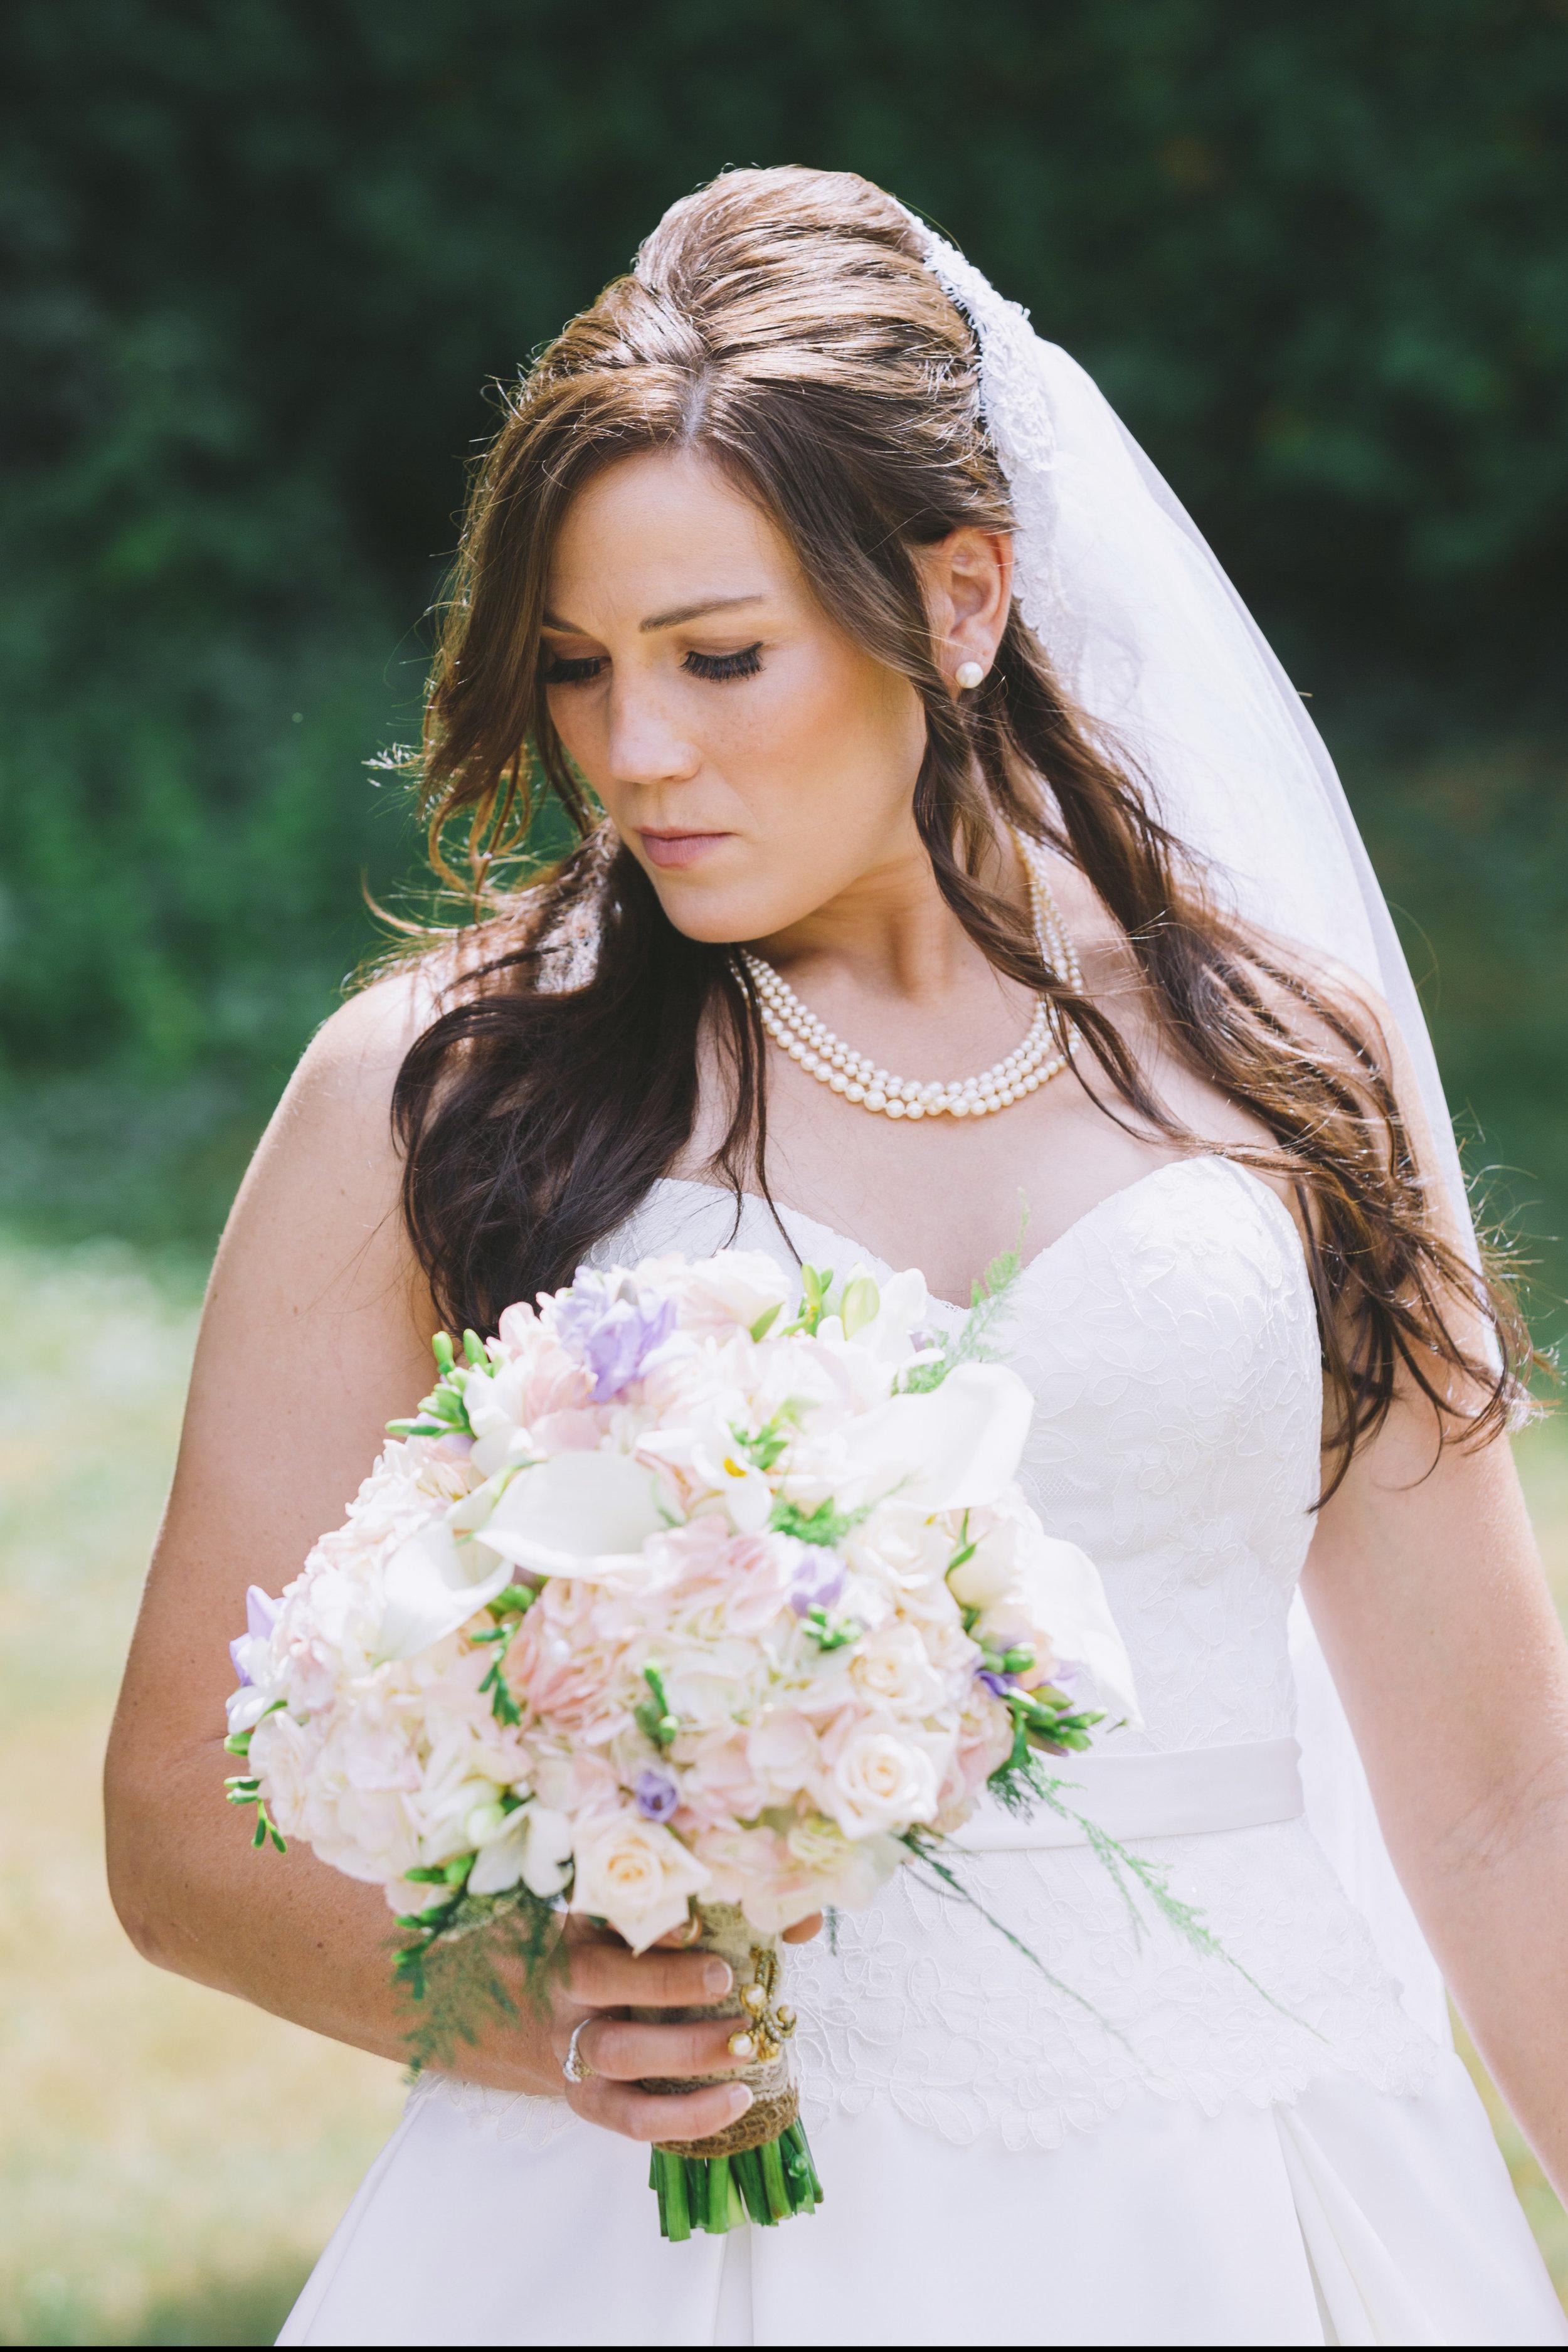 Bride protrait photo showing off bouquet of flowers